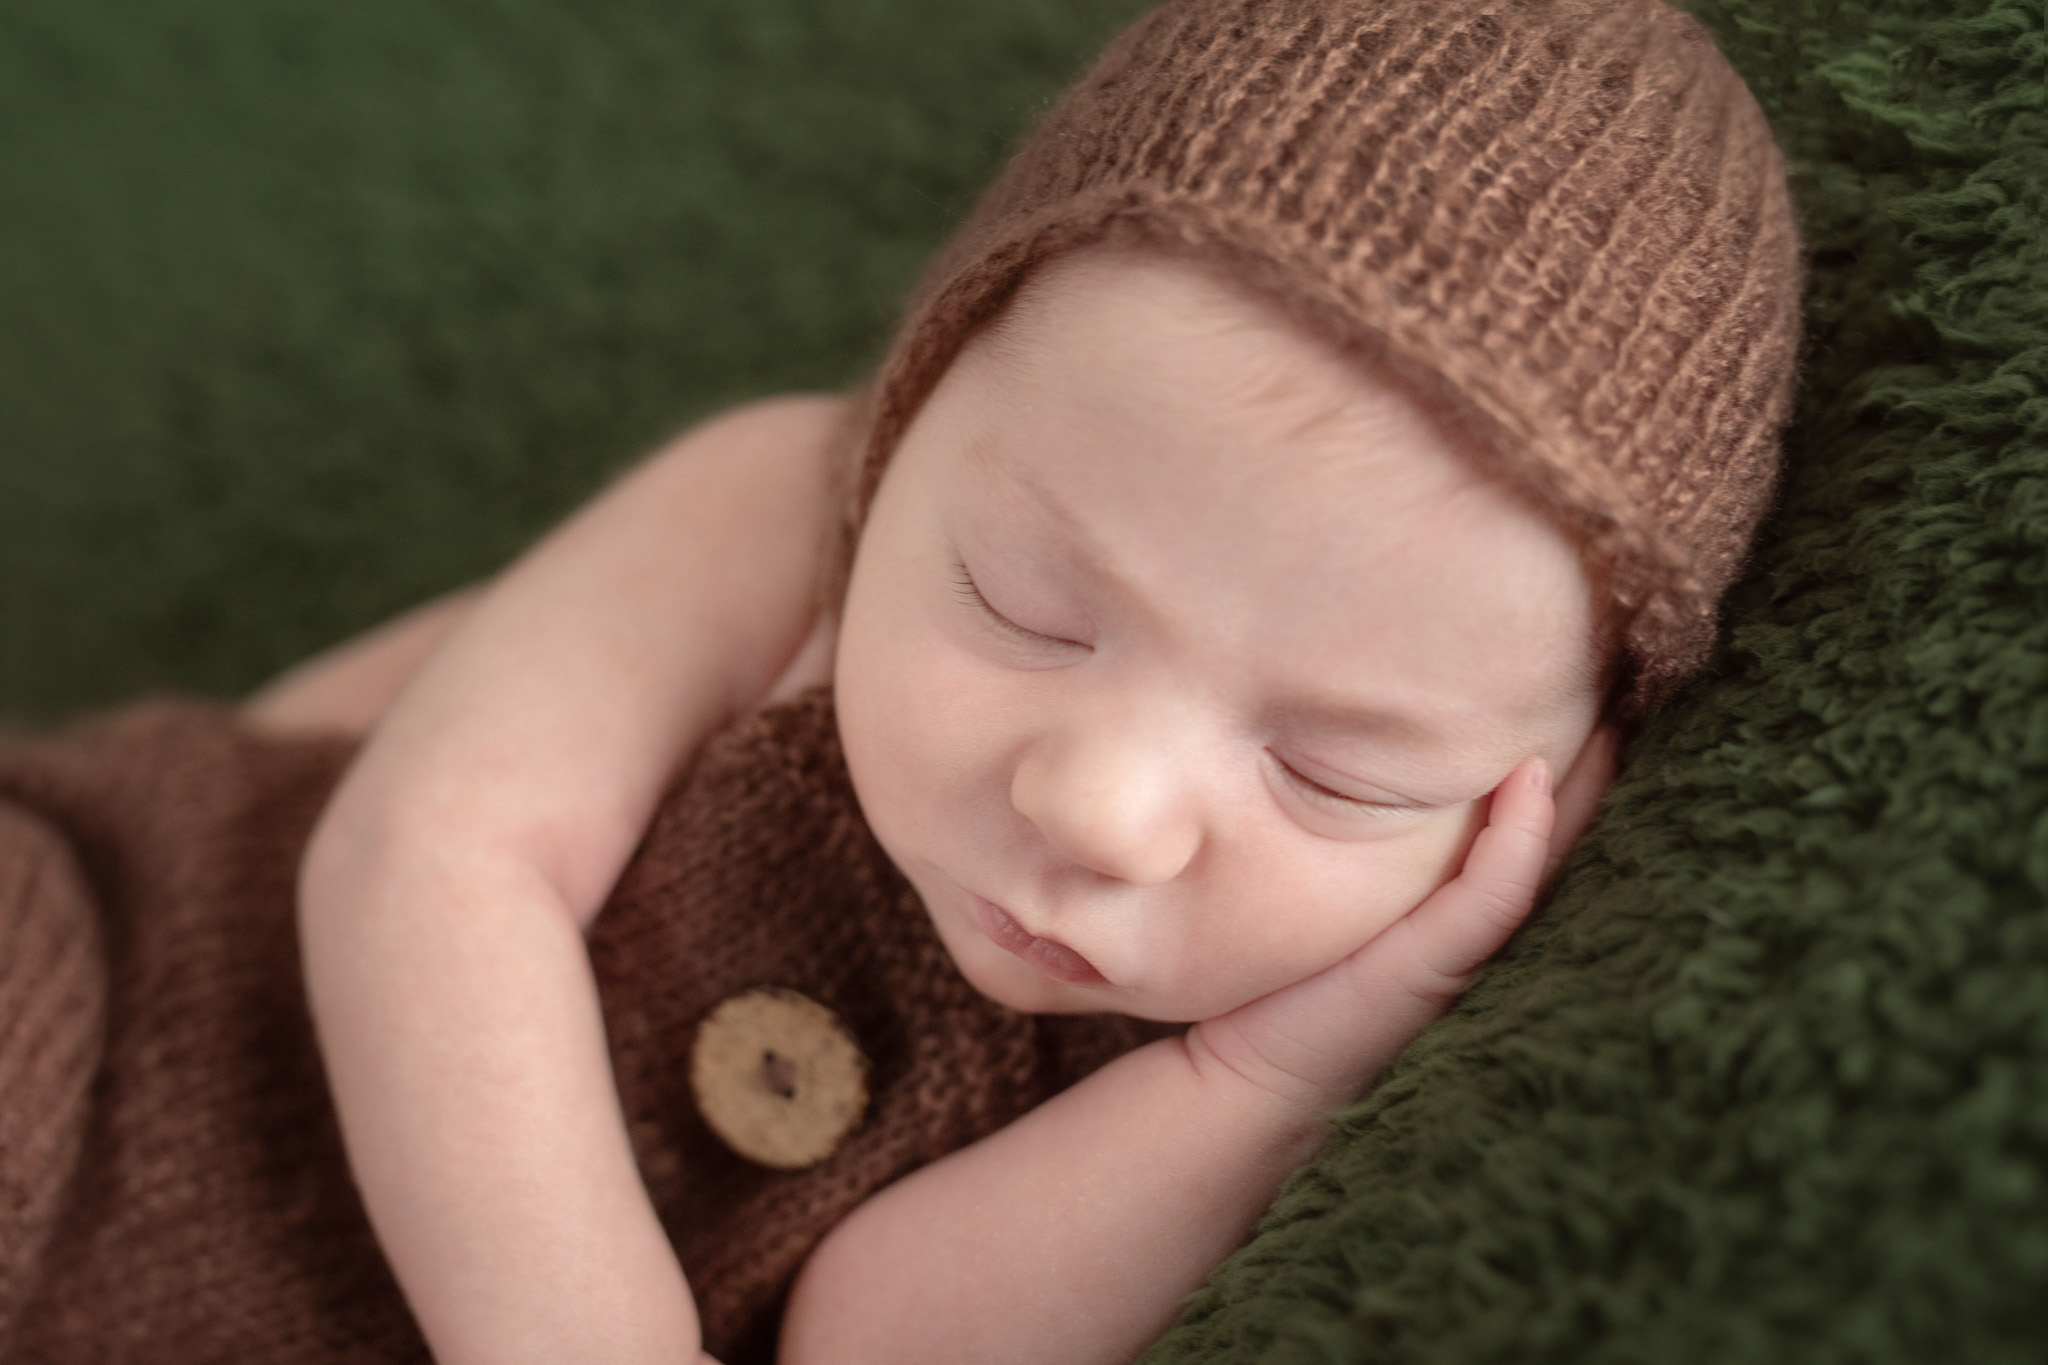 photo artistique bébé nouveau-né lot-et-garonne marmande tonneins virazeil emmailloté vert marron chaud mignon